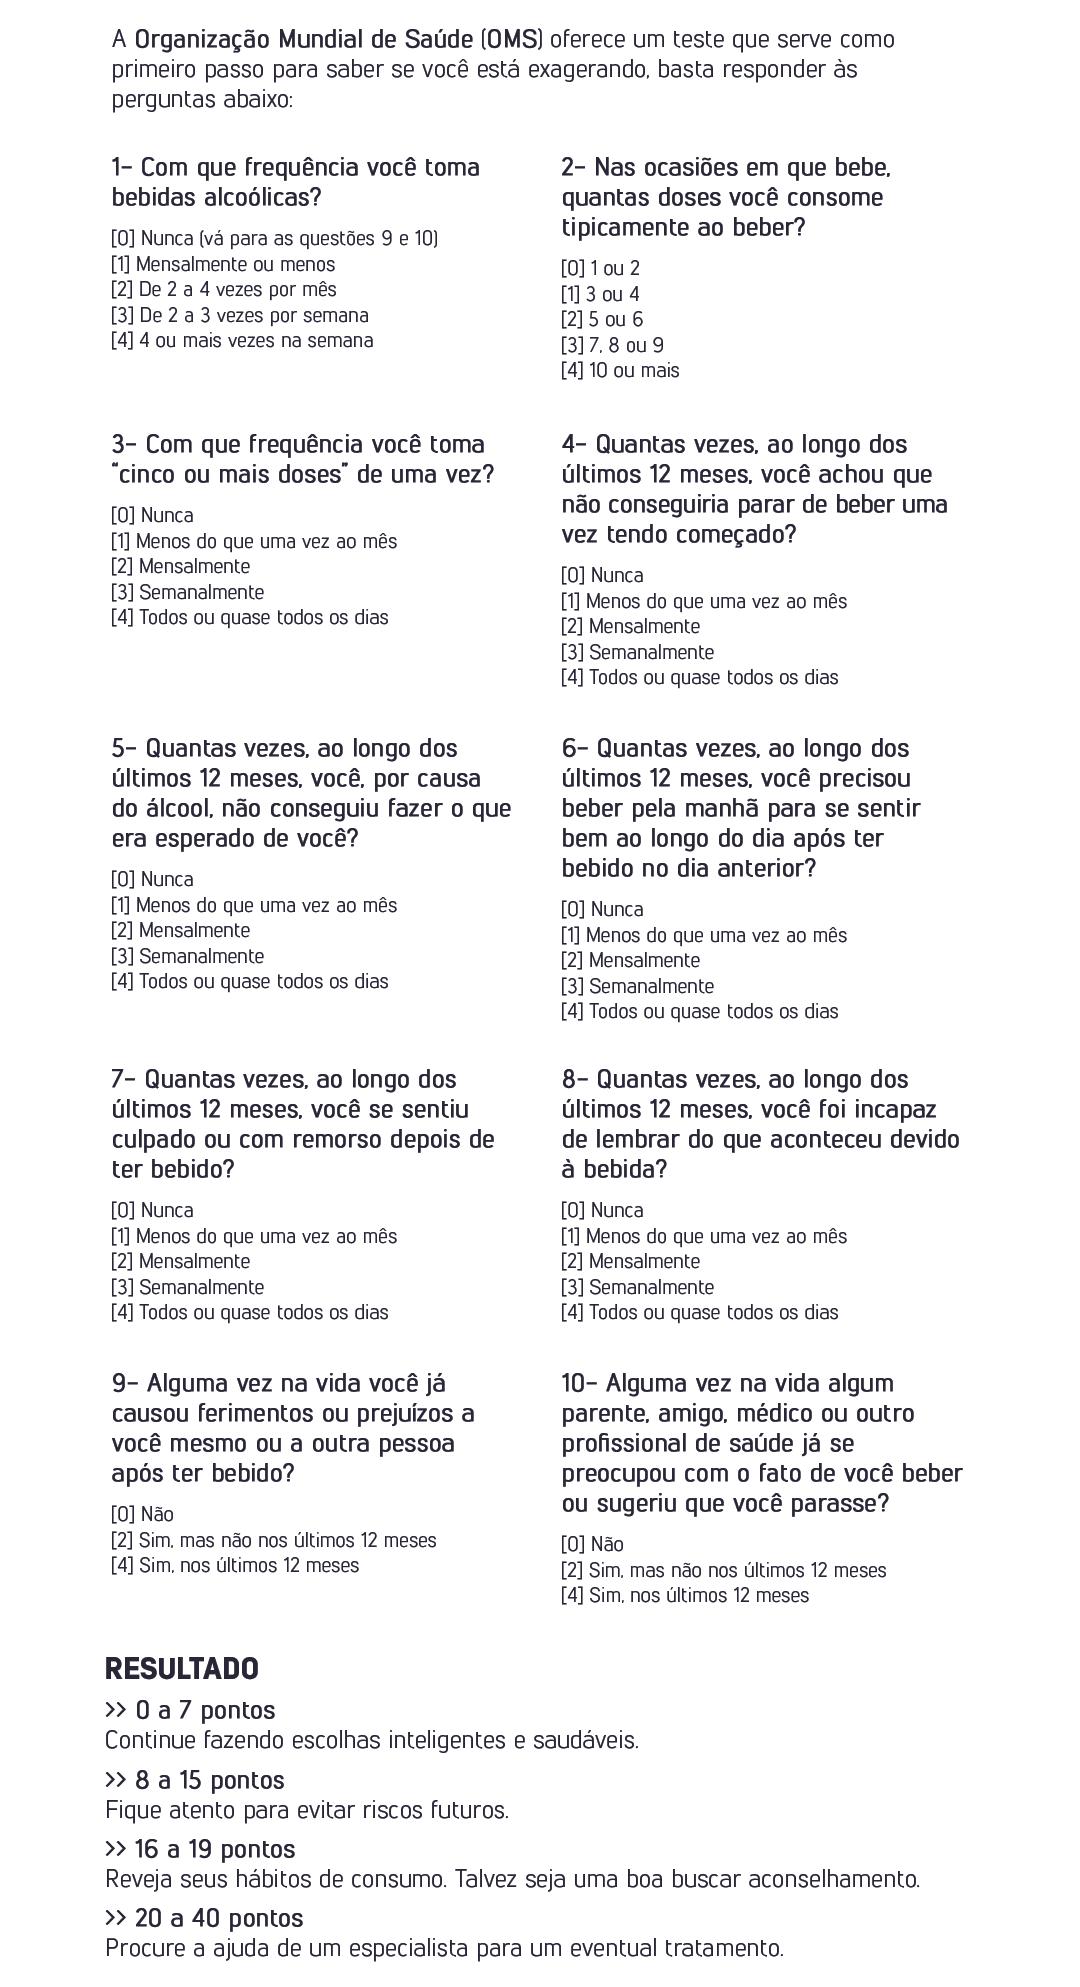 Sulamerica-Drogas_Quest